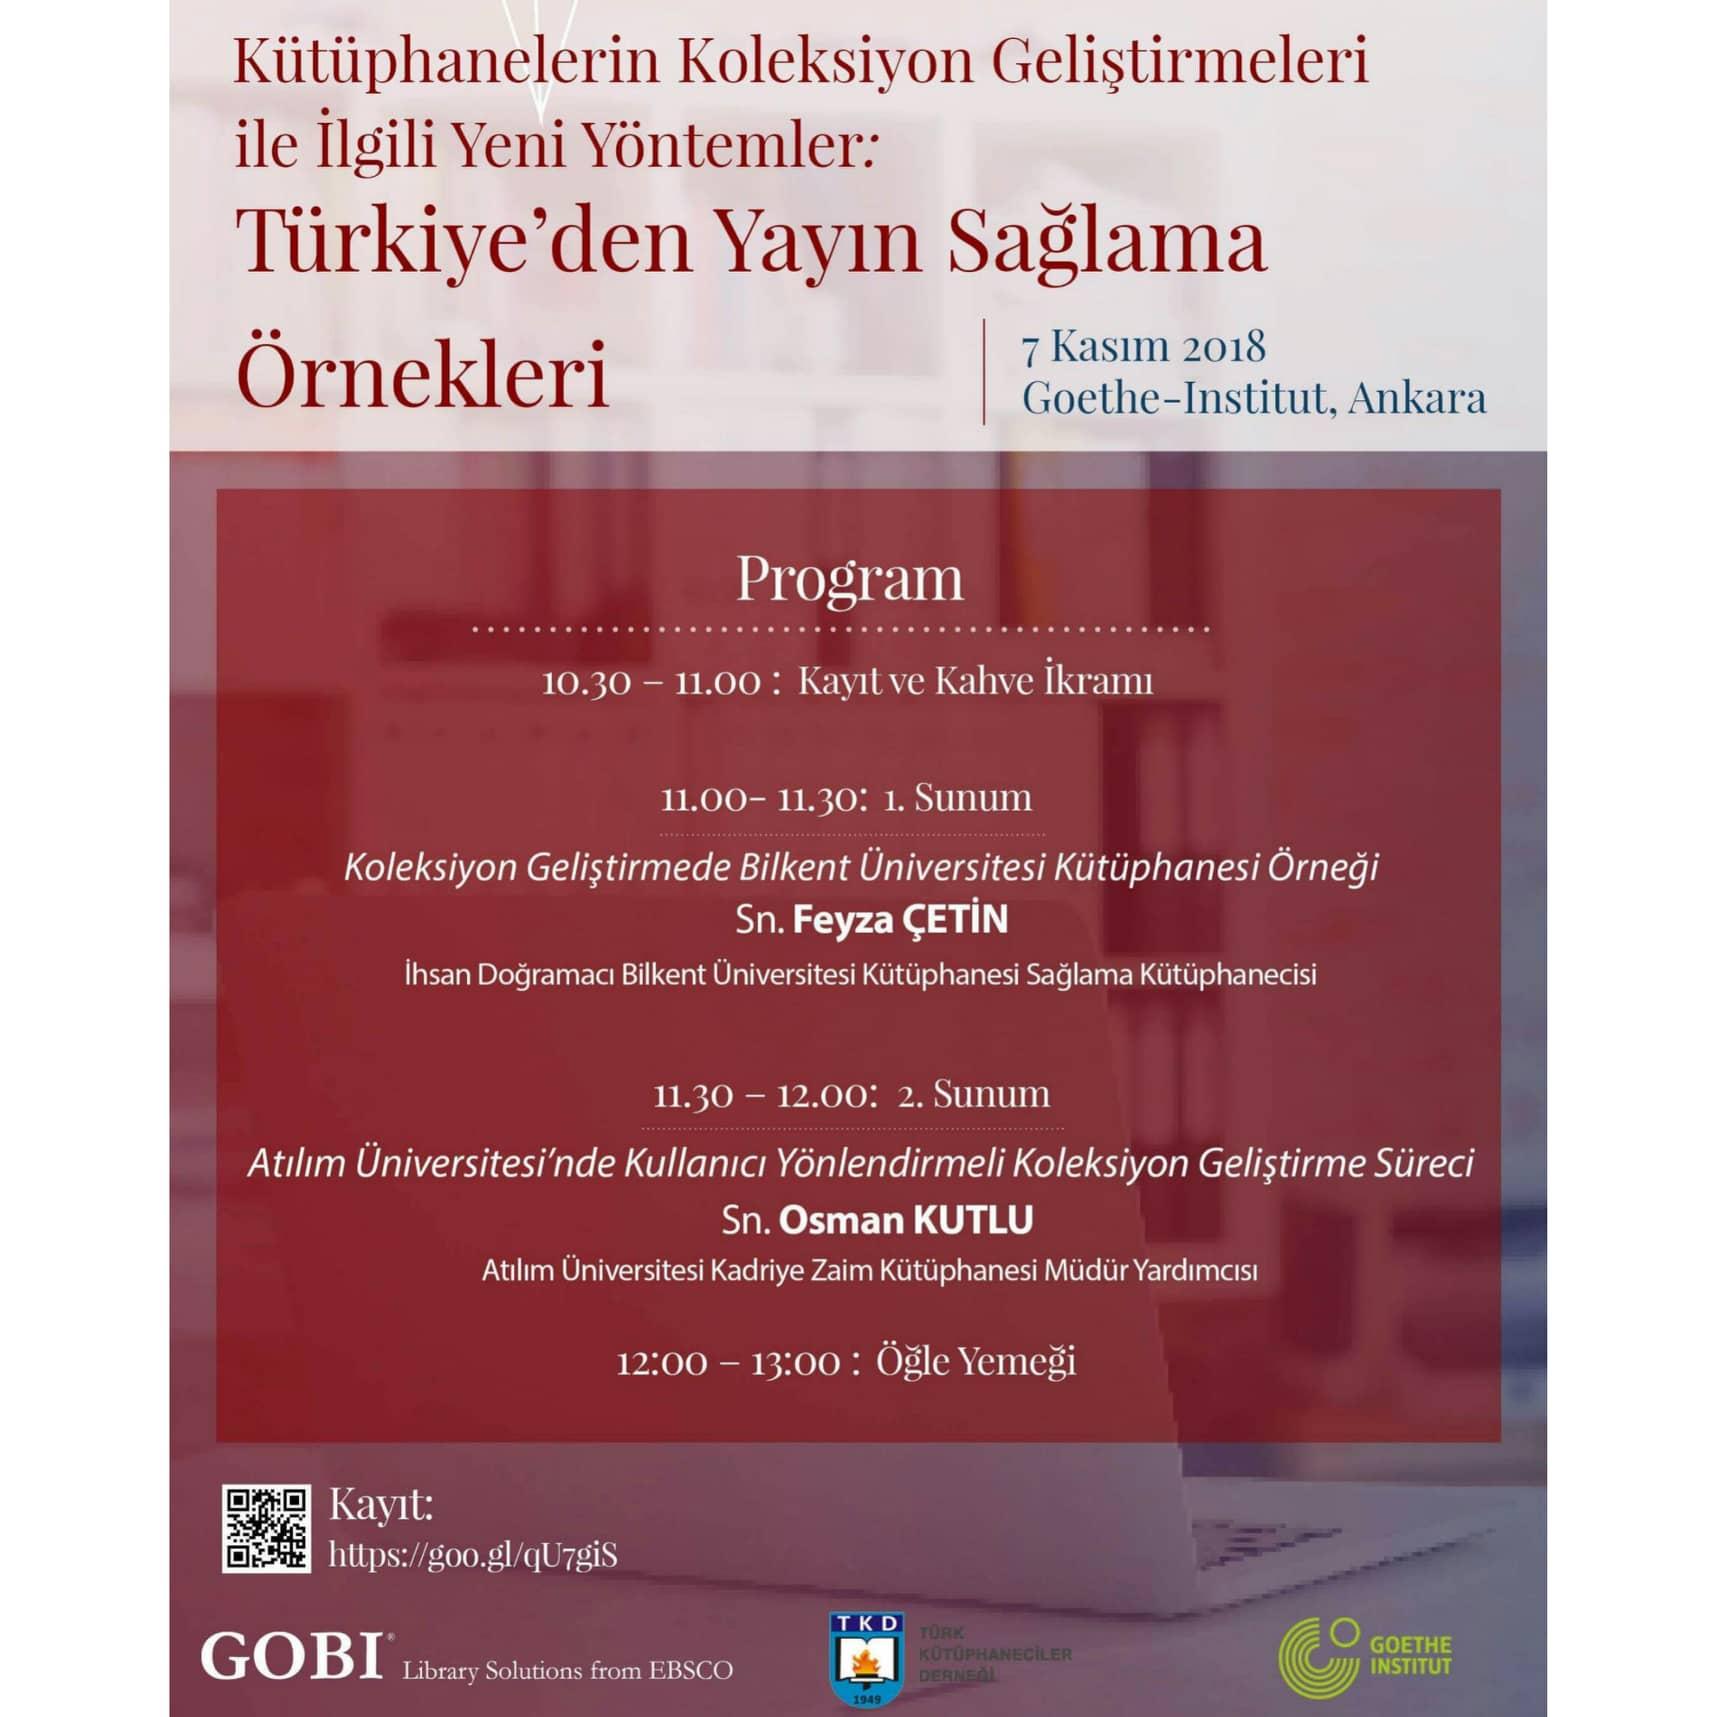 Kütüphanelerin Koleksiyon Geliştirmeleri ile İlgili Yeni Yöntemler: Türkiye'den Yayın Sağlama Yöntemleri